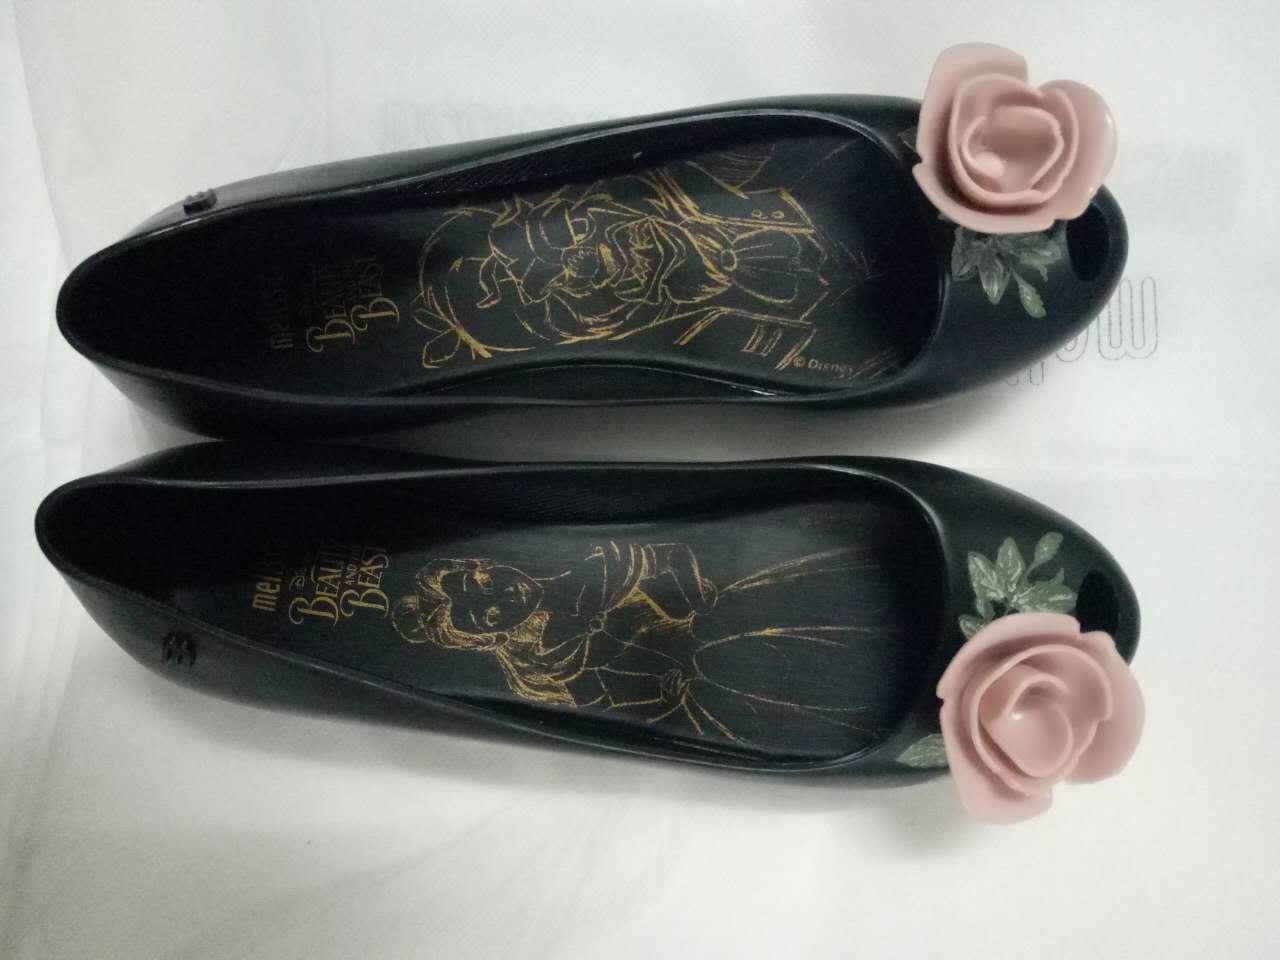 大牌款2017新款女鞋浅口蝴蝶结圆头粗跟3.5cm高端女单鞋一件代发 果冻女单鞋一件代发